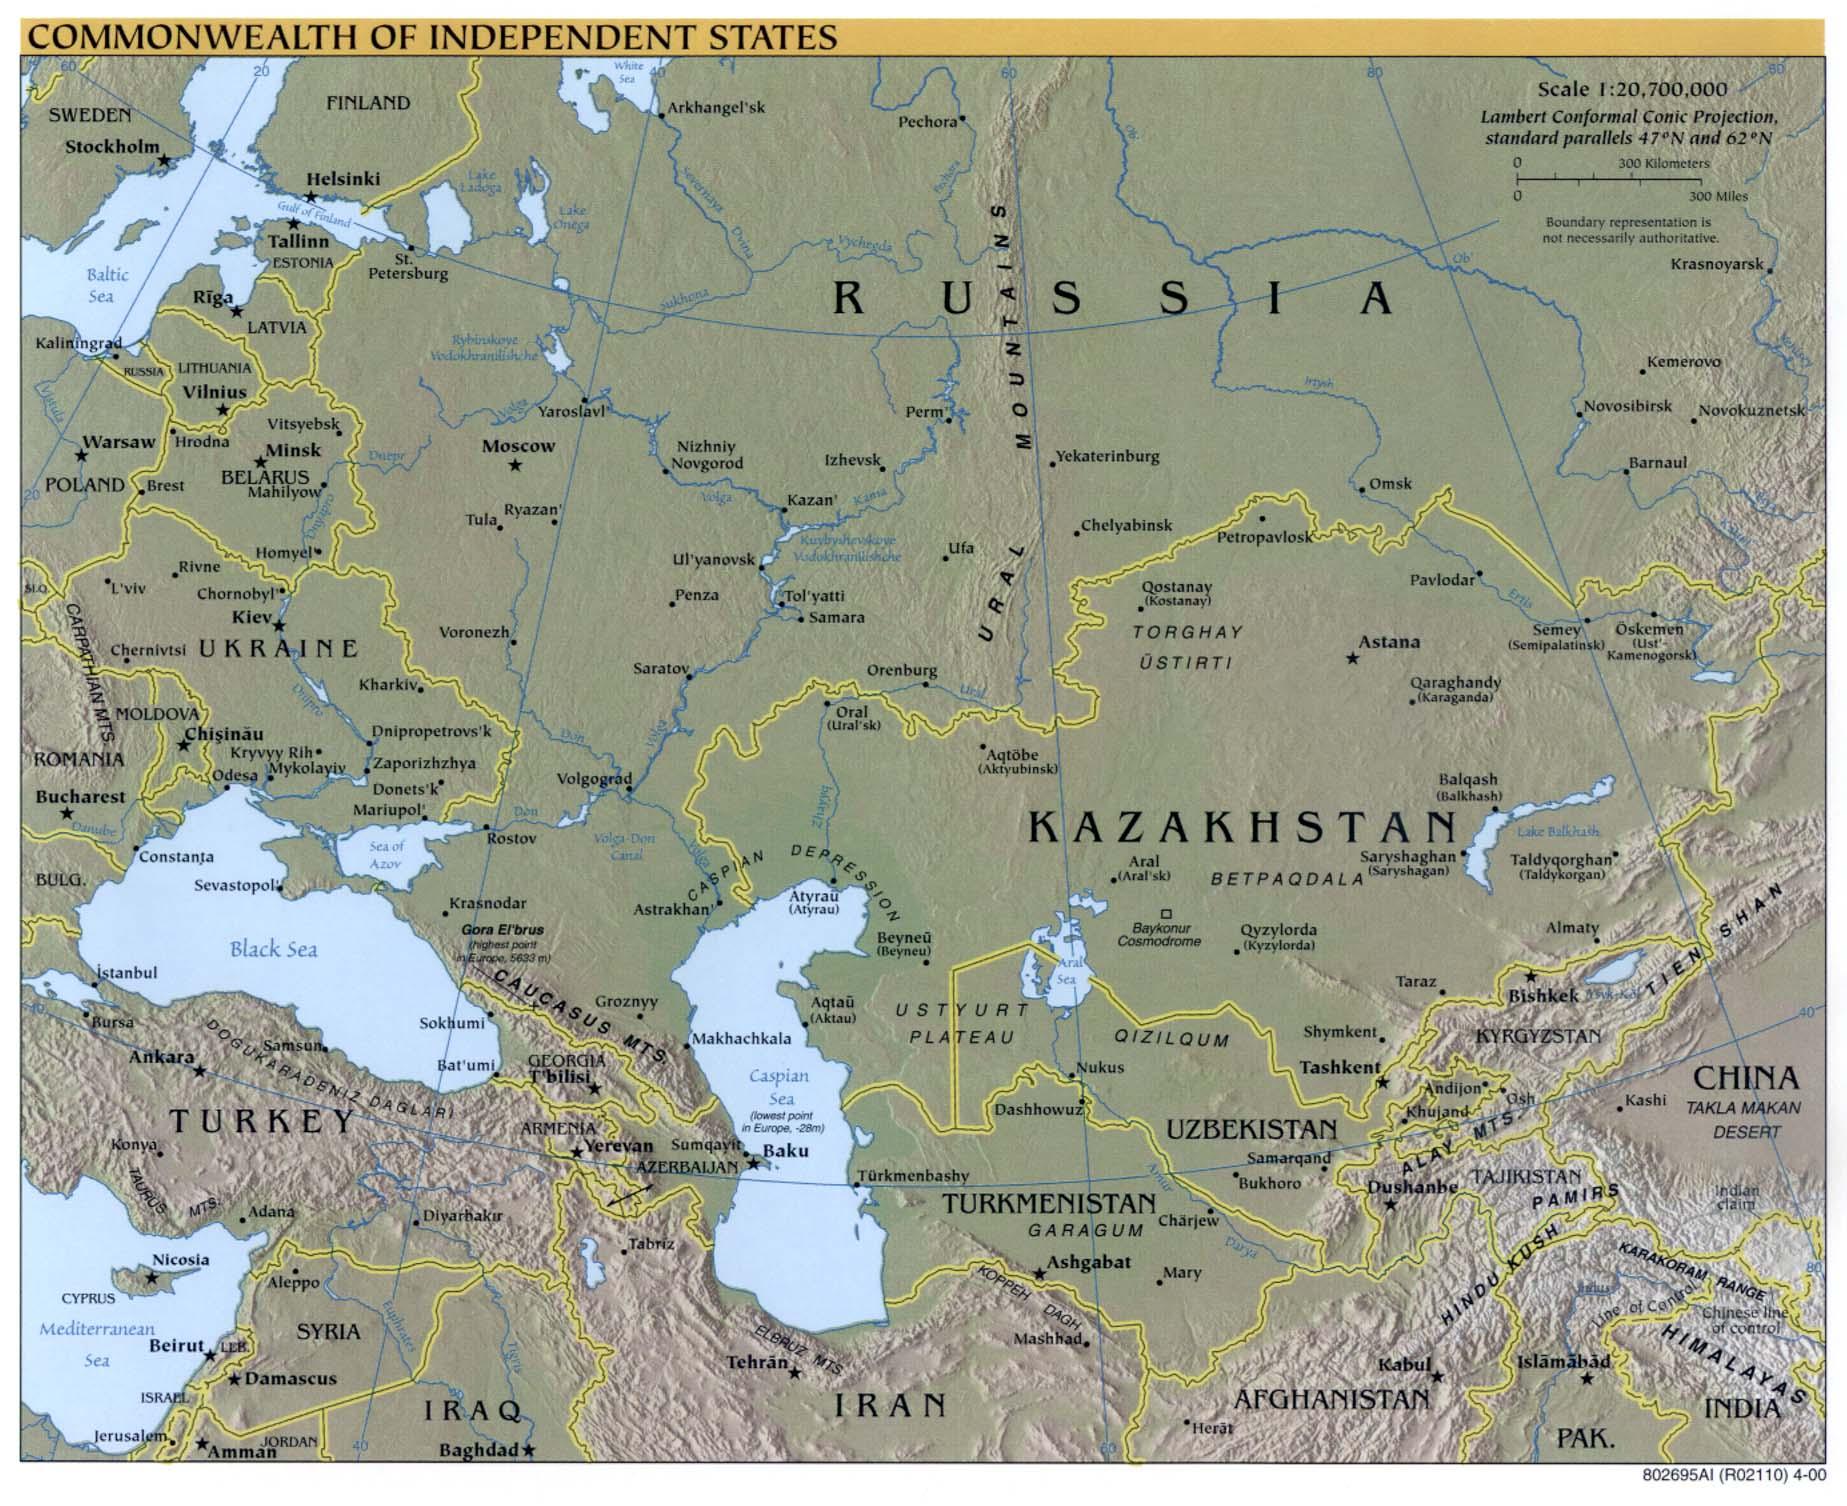 Mapa físico de la Comunidad de Estados Independientes 2000